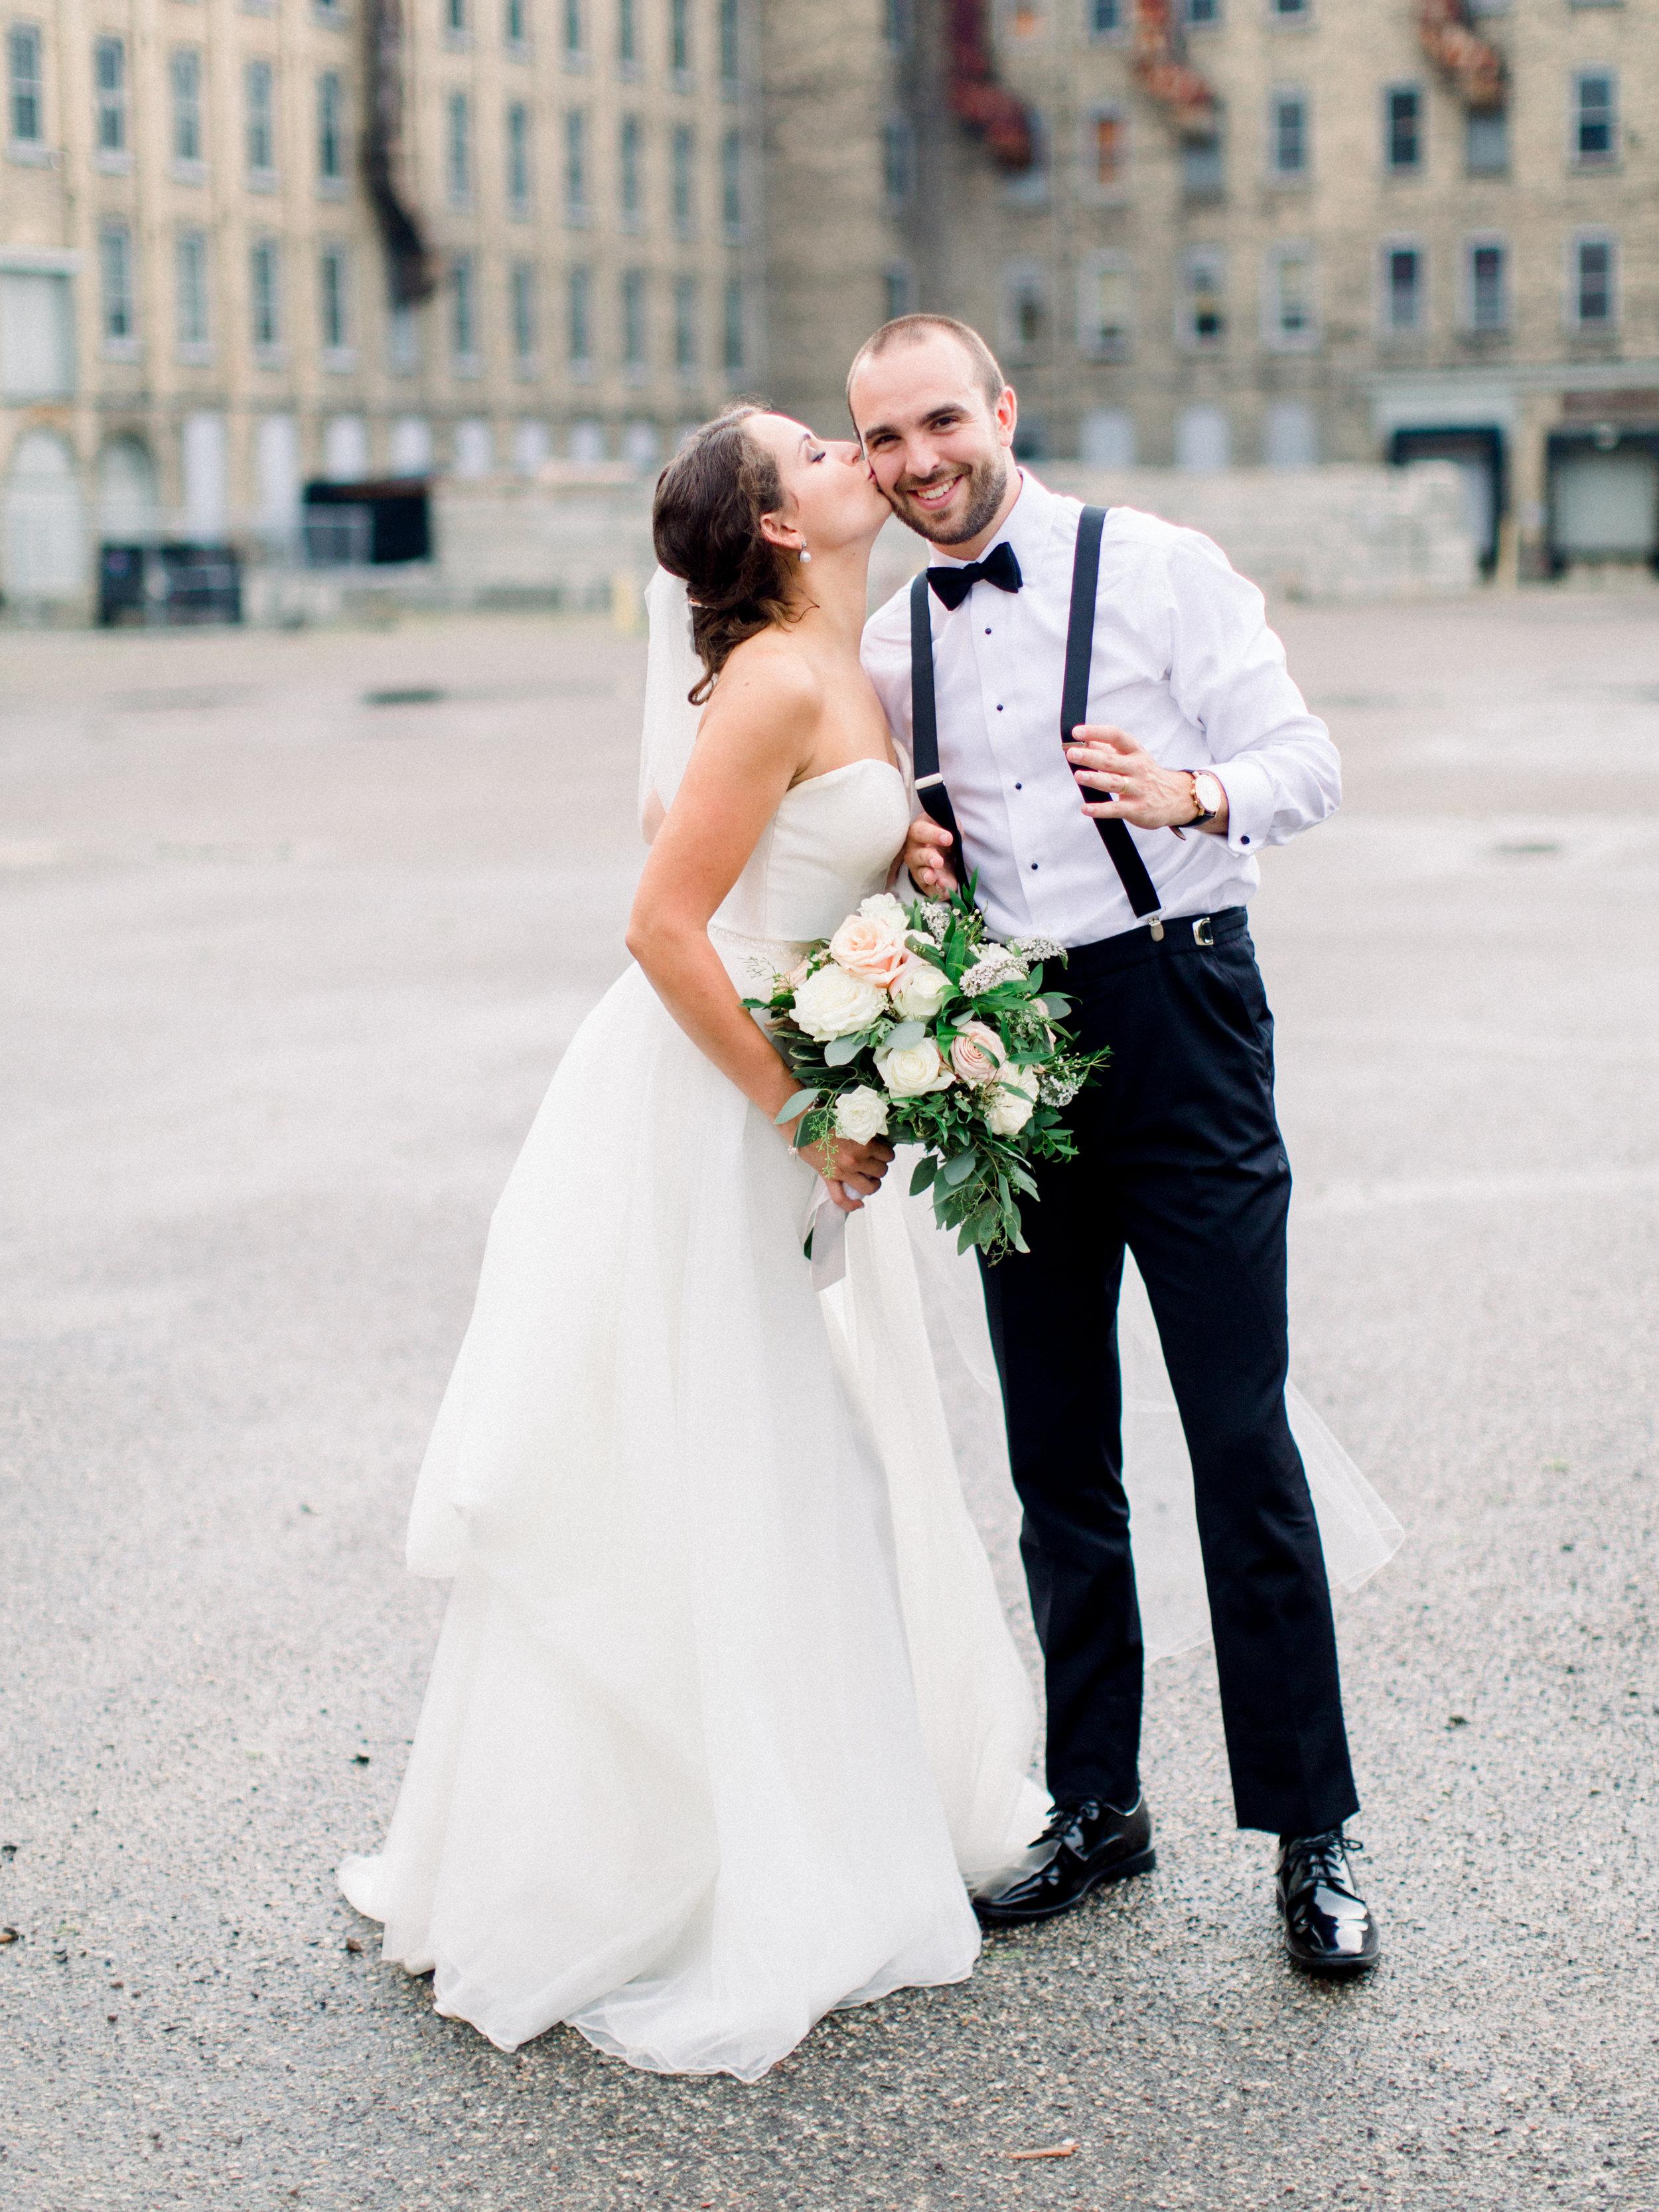 Steiner+Wedding+Bride+Groom+Reception-39.jpg